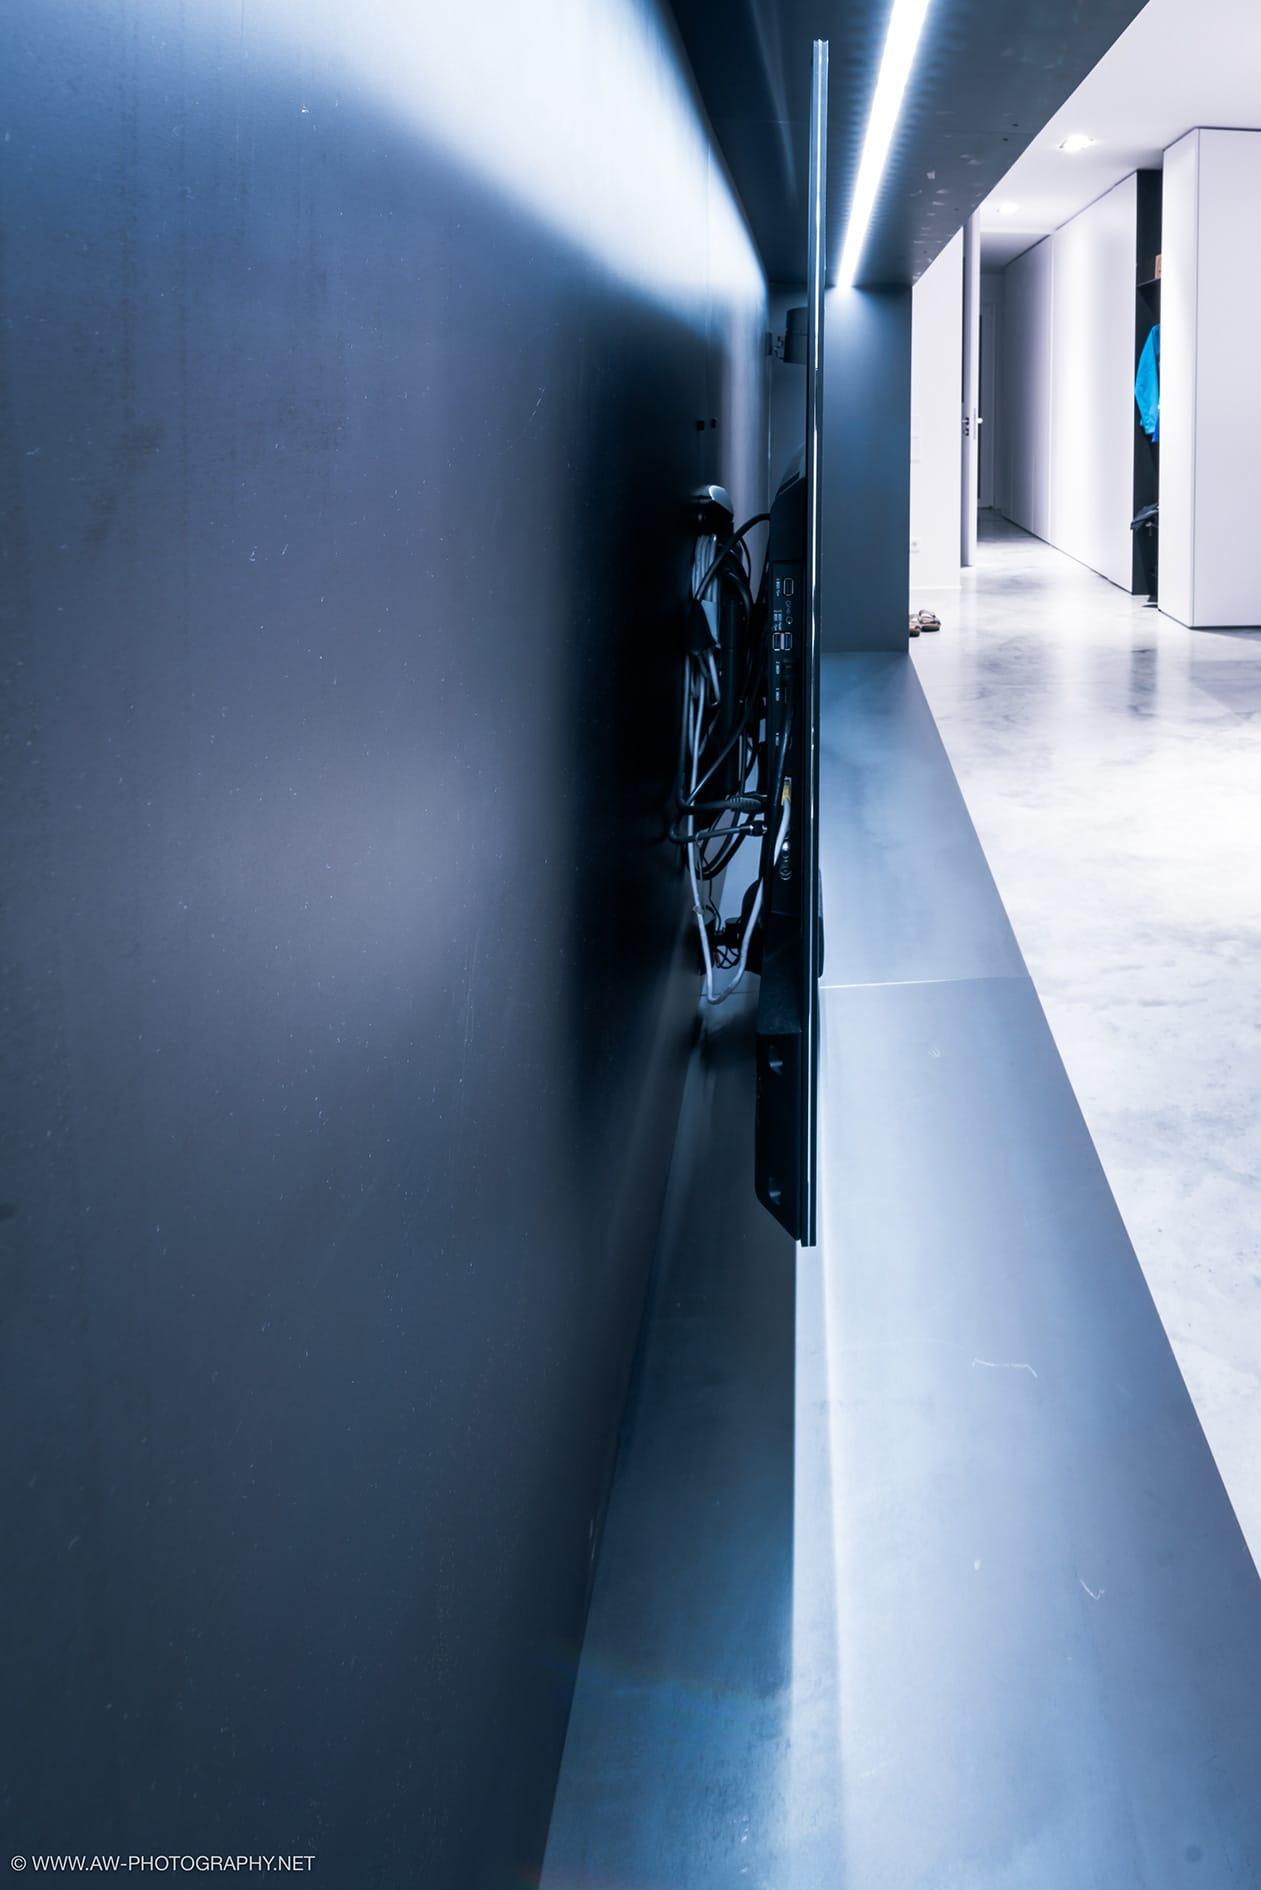 Innenausbau Penthousewohnung von VOIT in Schlichtstoff weiß und Stahl geschwärzt - Nahaufnahme von TV Regal mit geschwärztem Stahl als Hintergrund